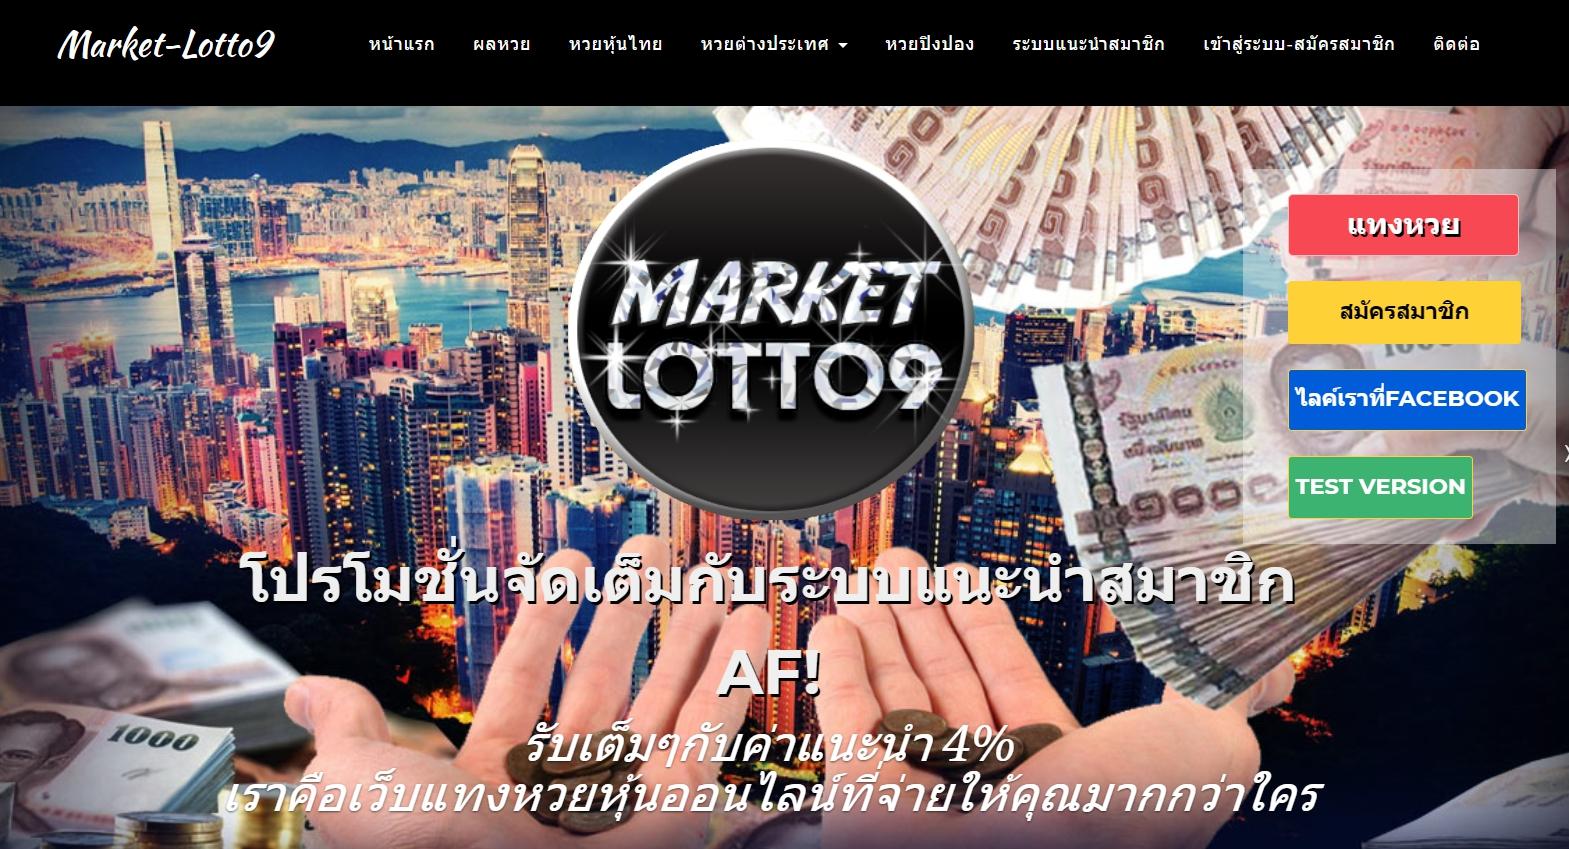 อันดับ 5 เว็บแทงหวยออนไลน์ Market Rotto 9